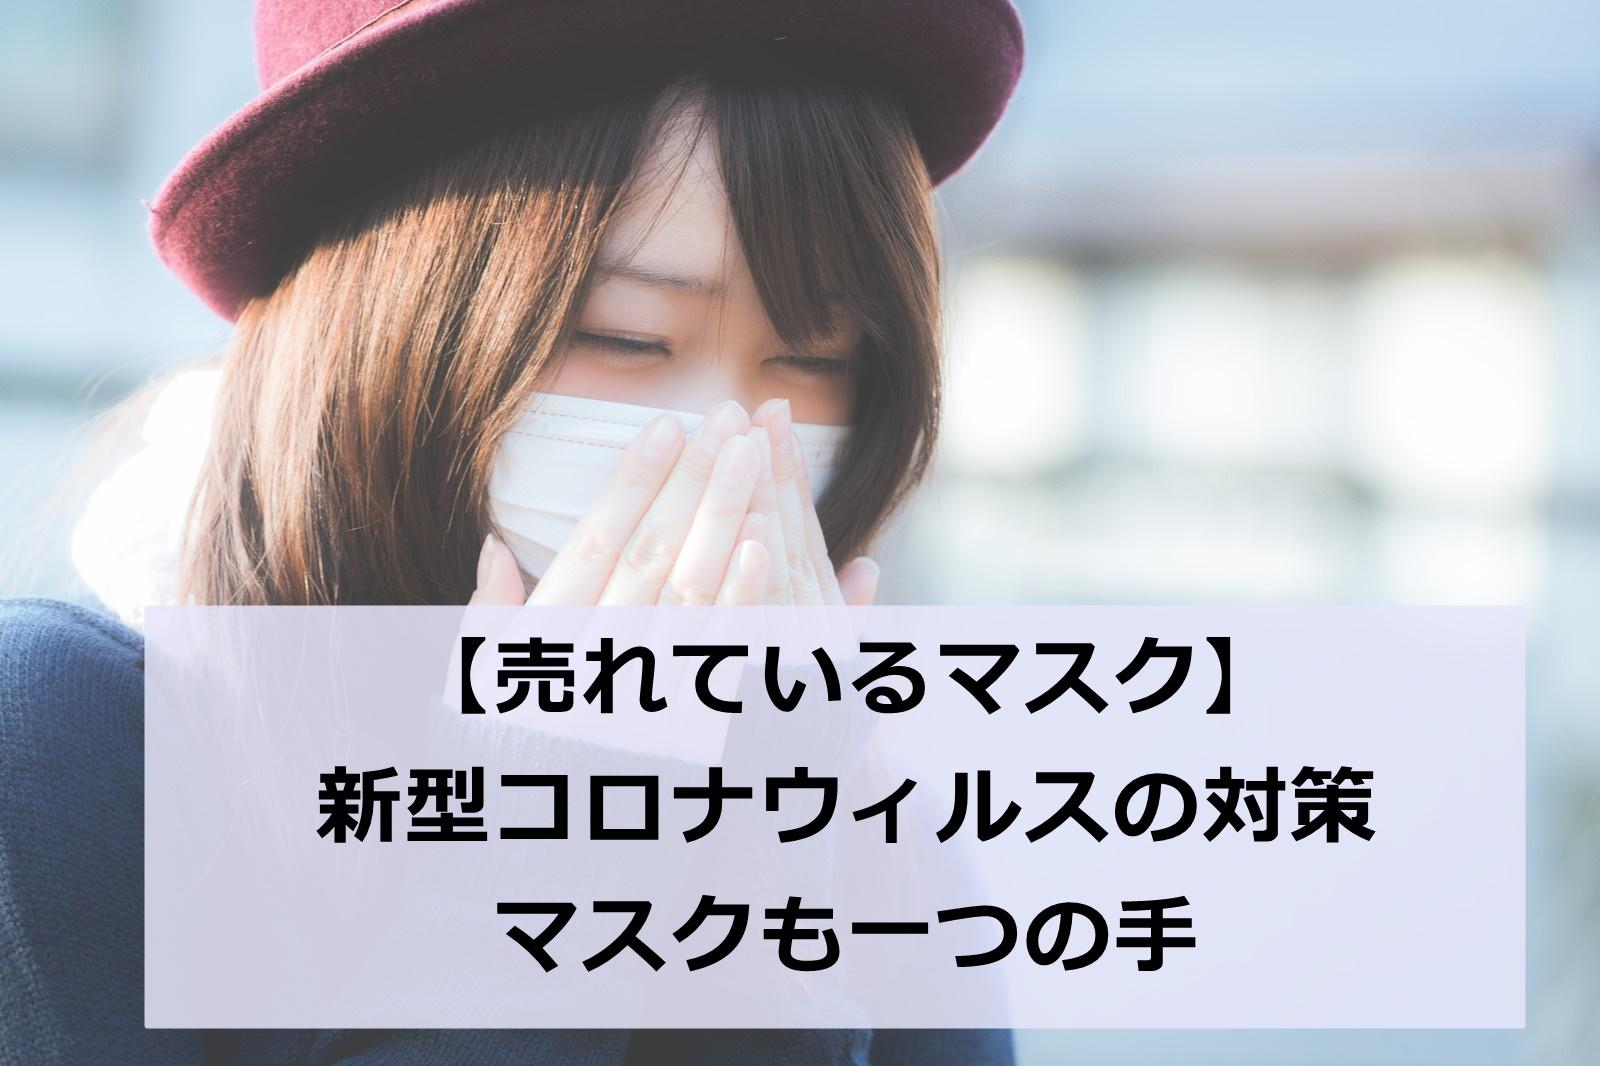 新型コロナウィルスの対策【日本で売れてるマスク】大人用&子供用